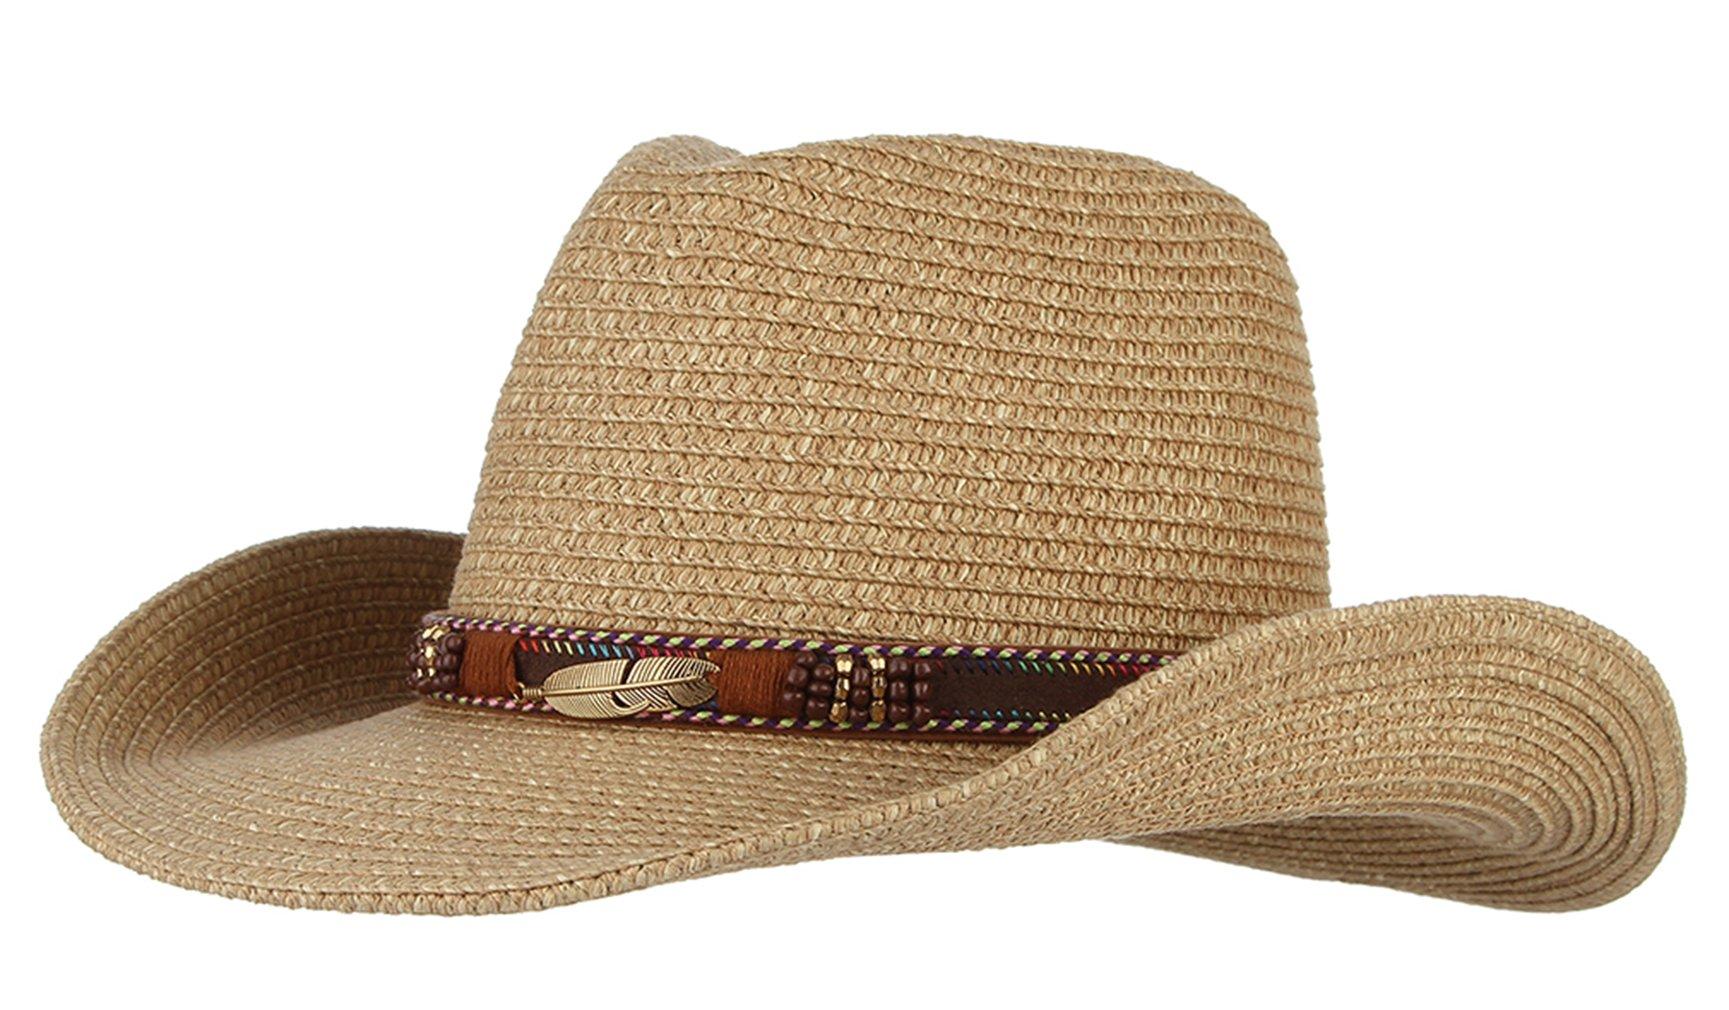 Gemvie Cowboy Hat Floppy Sun Hat Straw Summer Beach Cap Wide Brim Straw Hats Brown